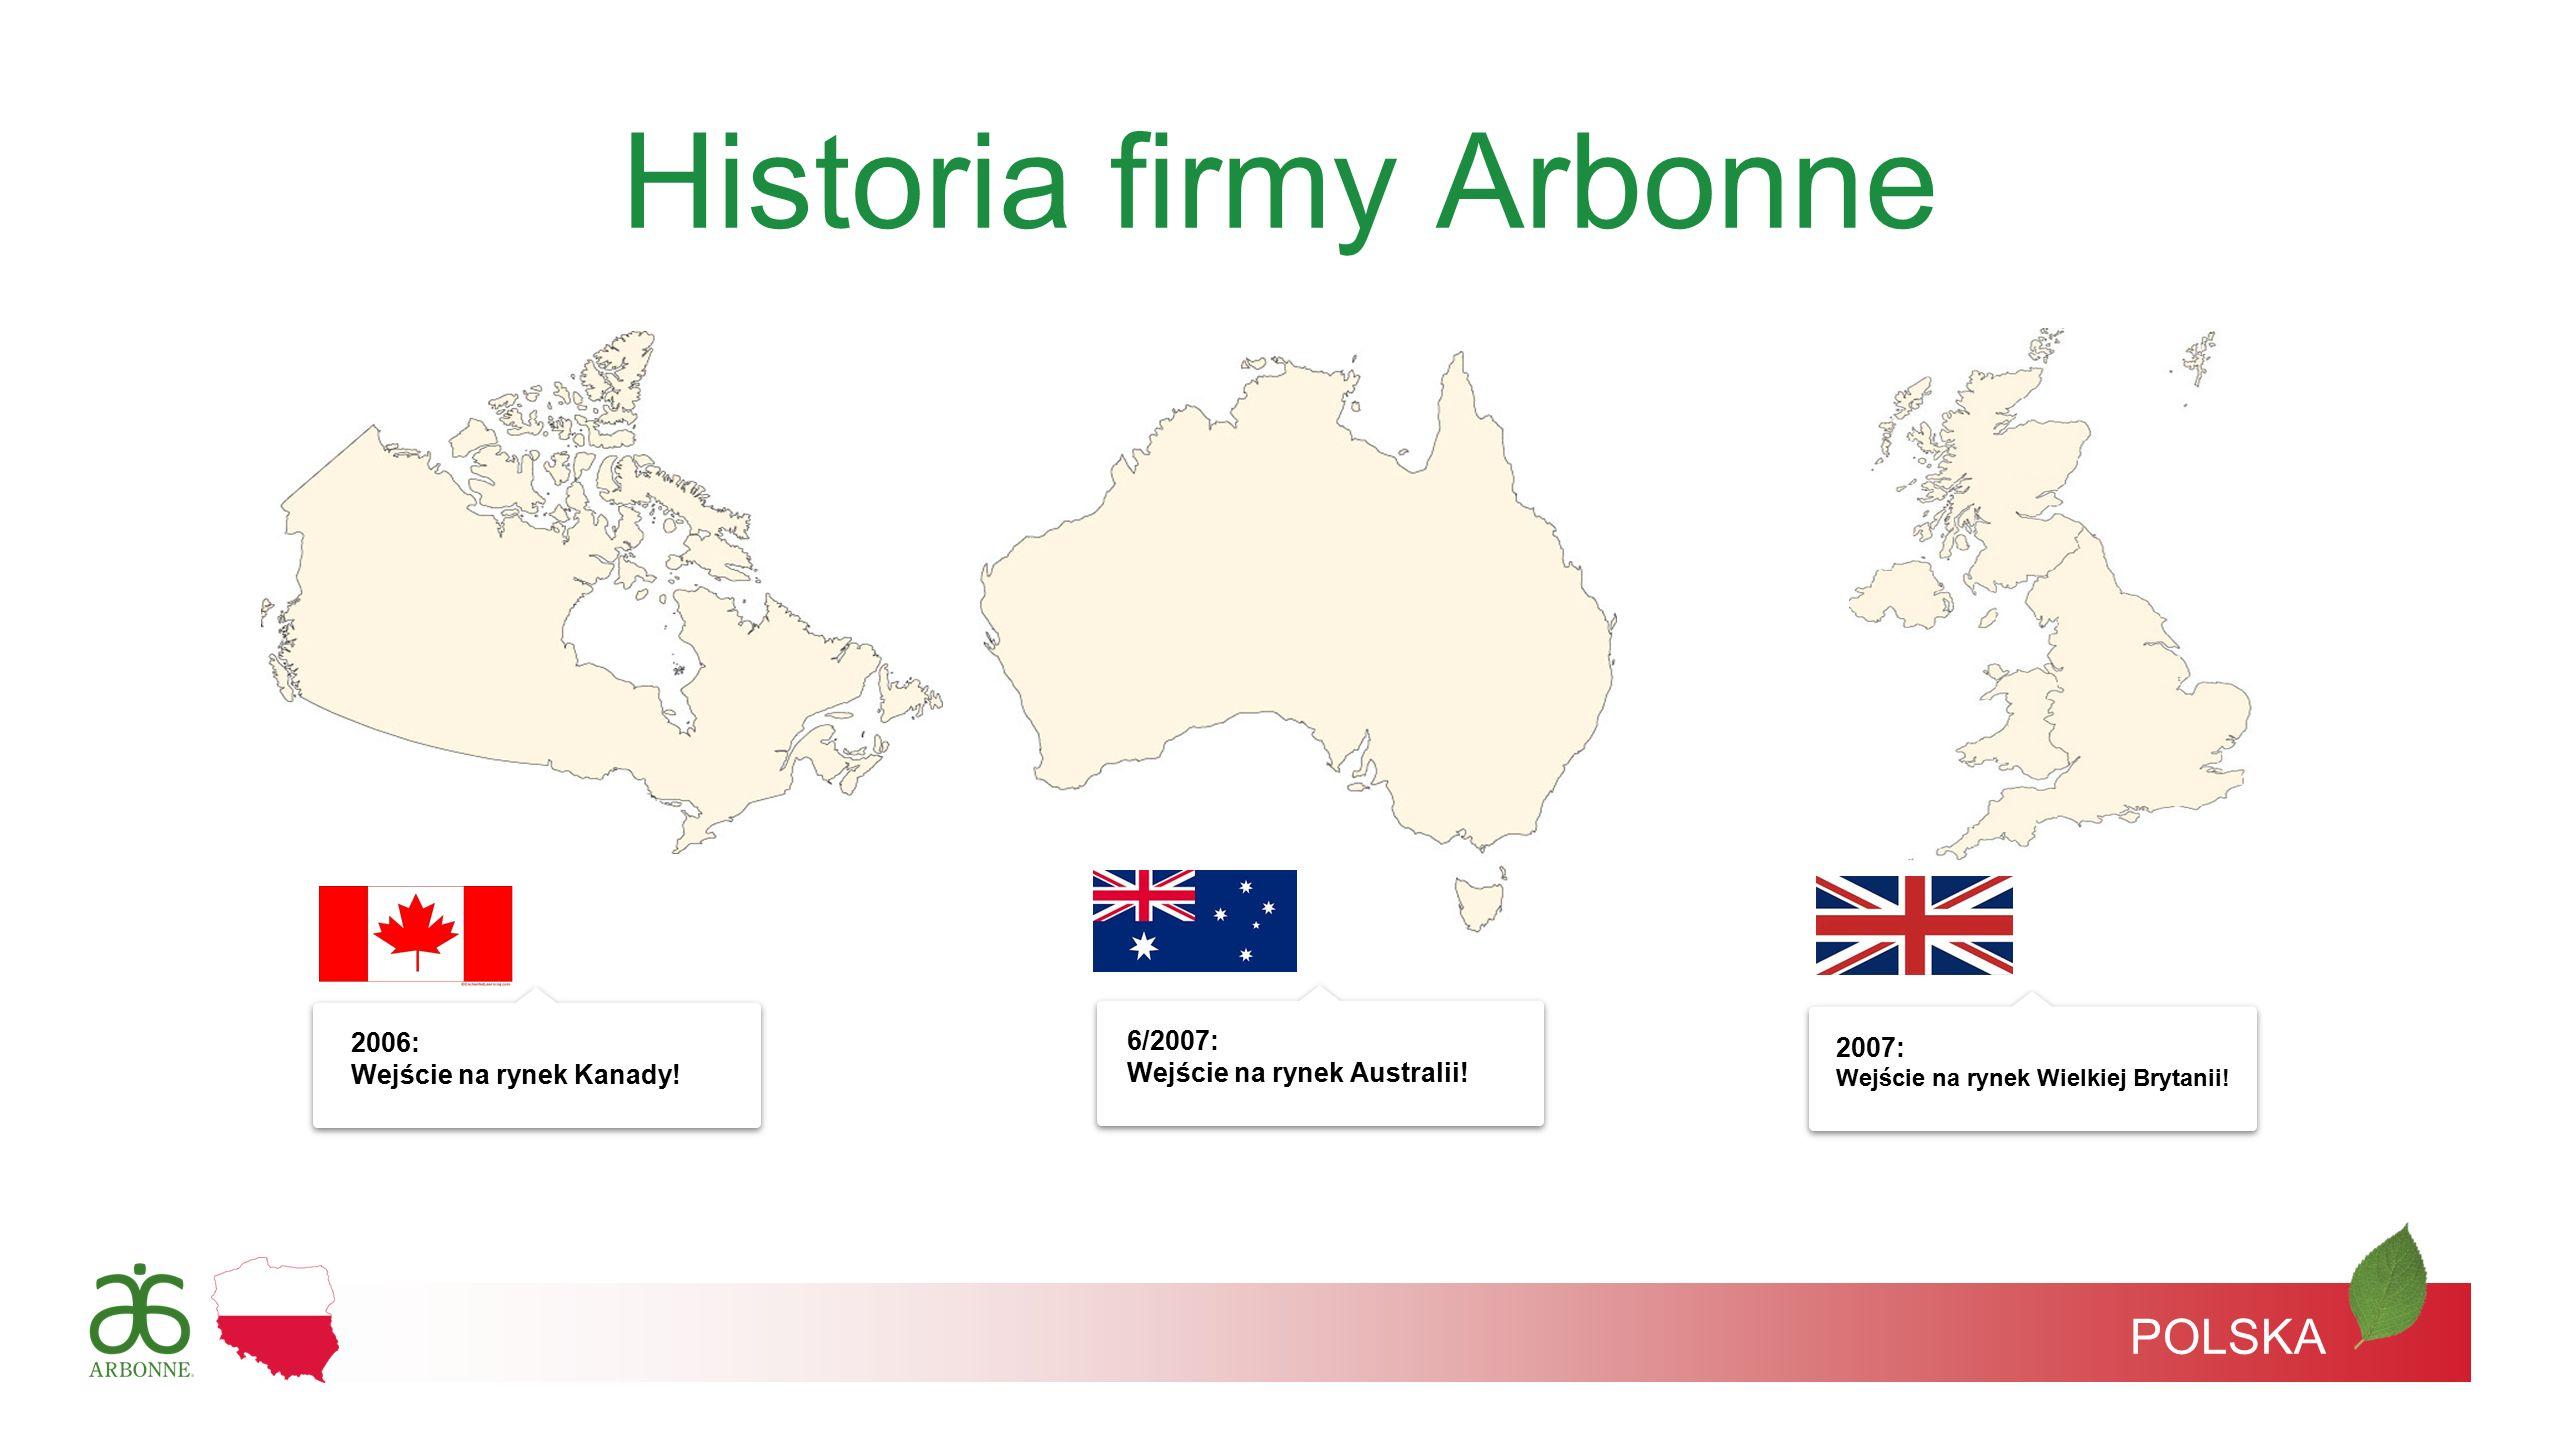 Historia firmy Arbonne